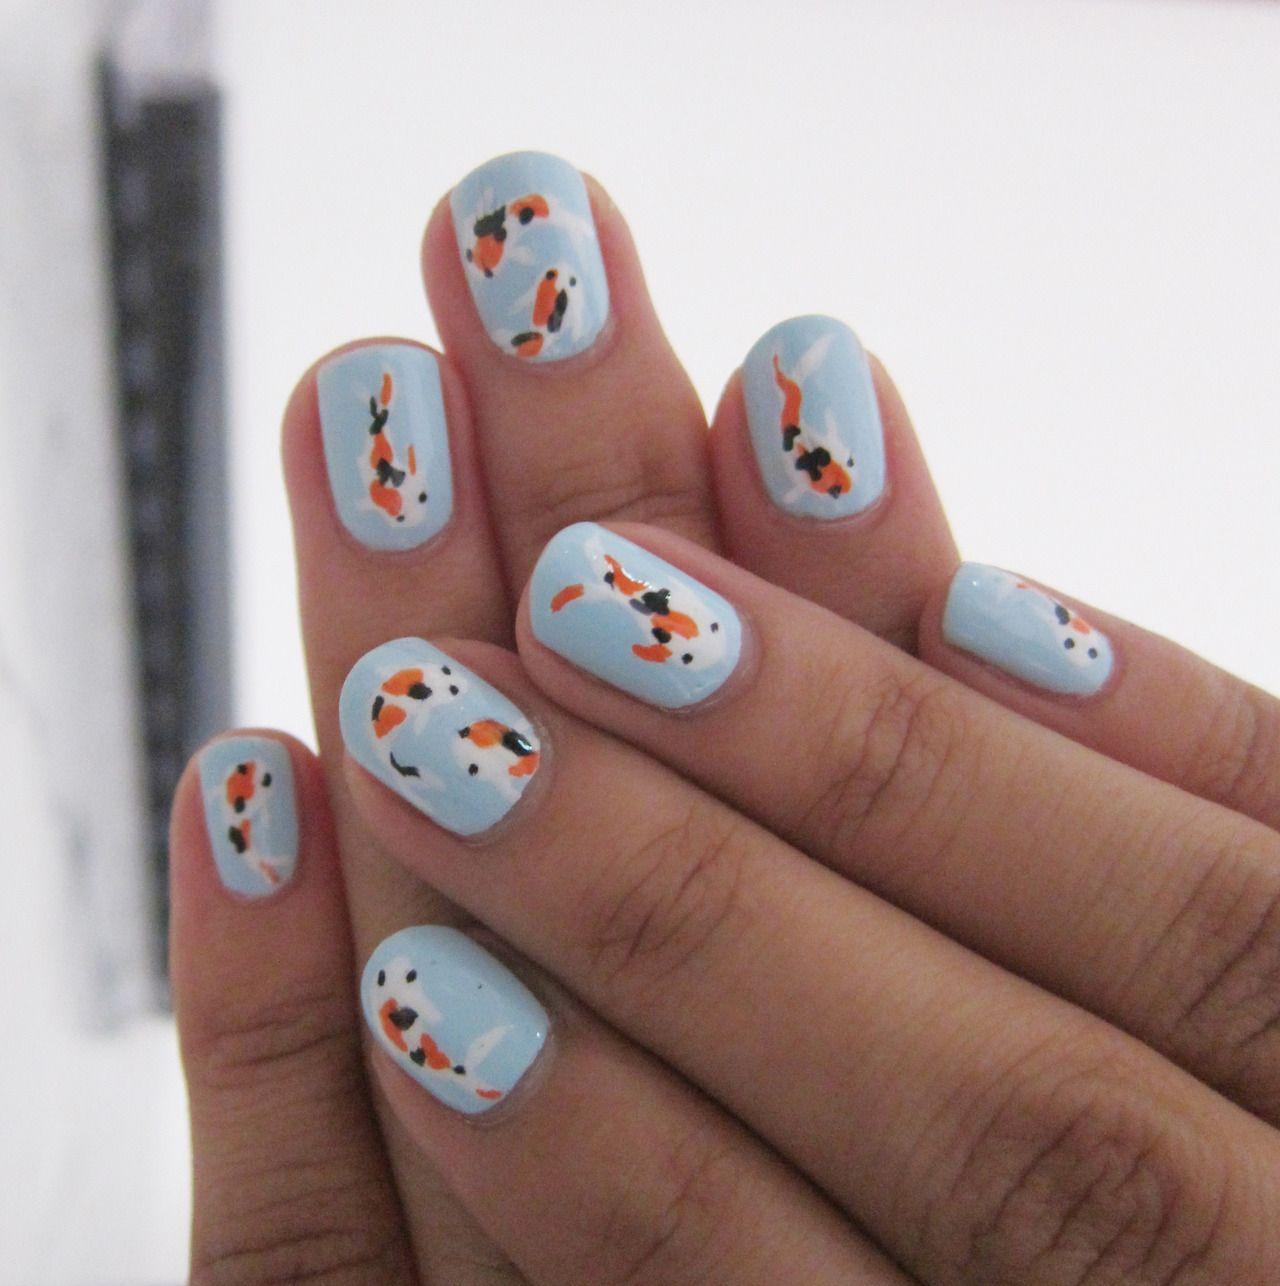 Koi Fish Nails #nailart | Hair & nails | Pinterest | Fish nails, Koi ...